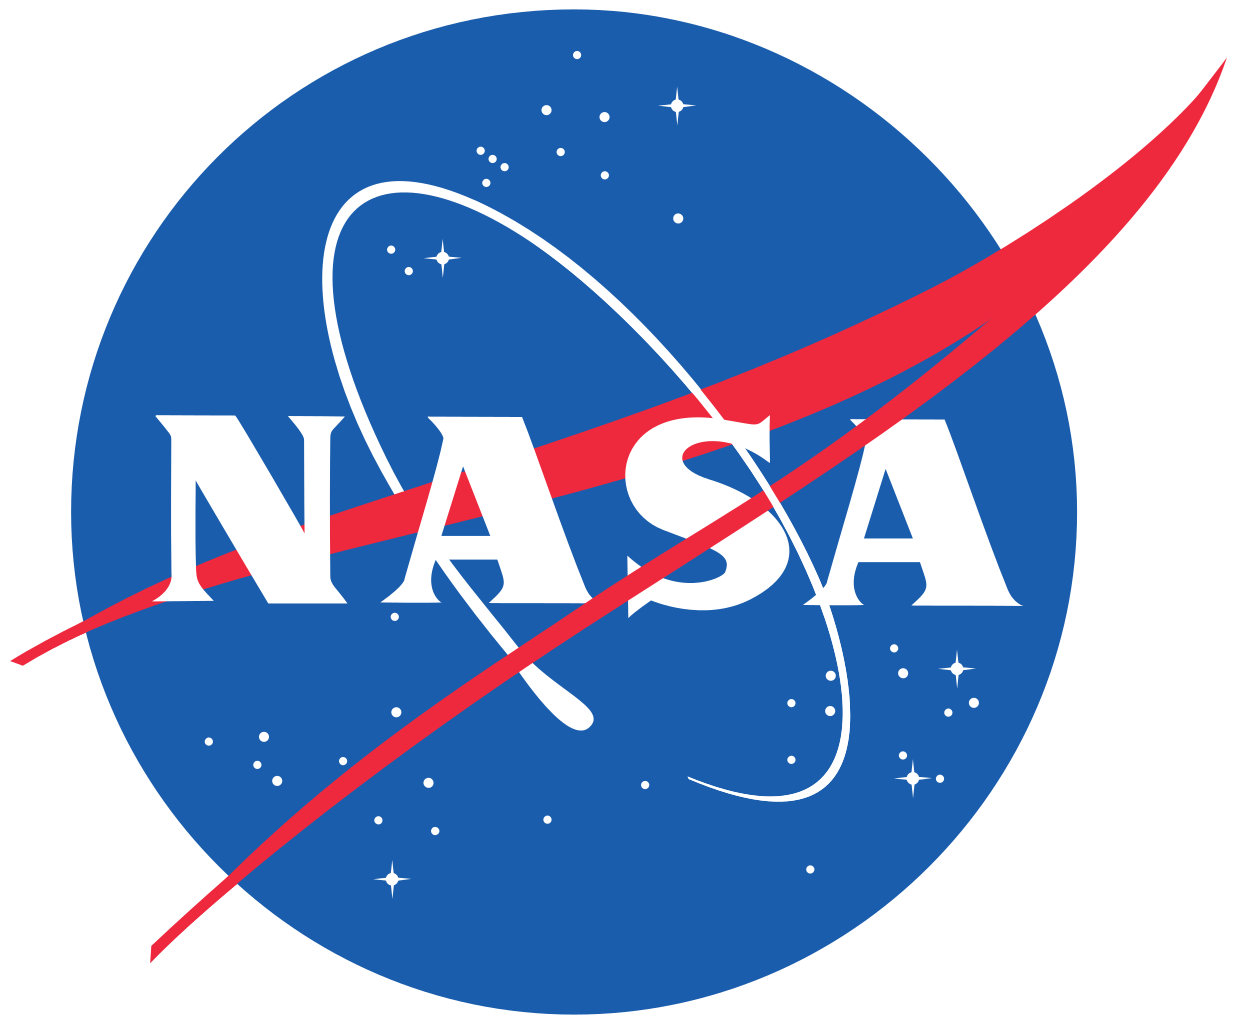 Nasa Logo PNG - 109146